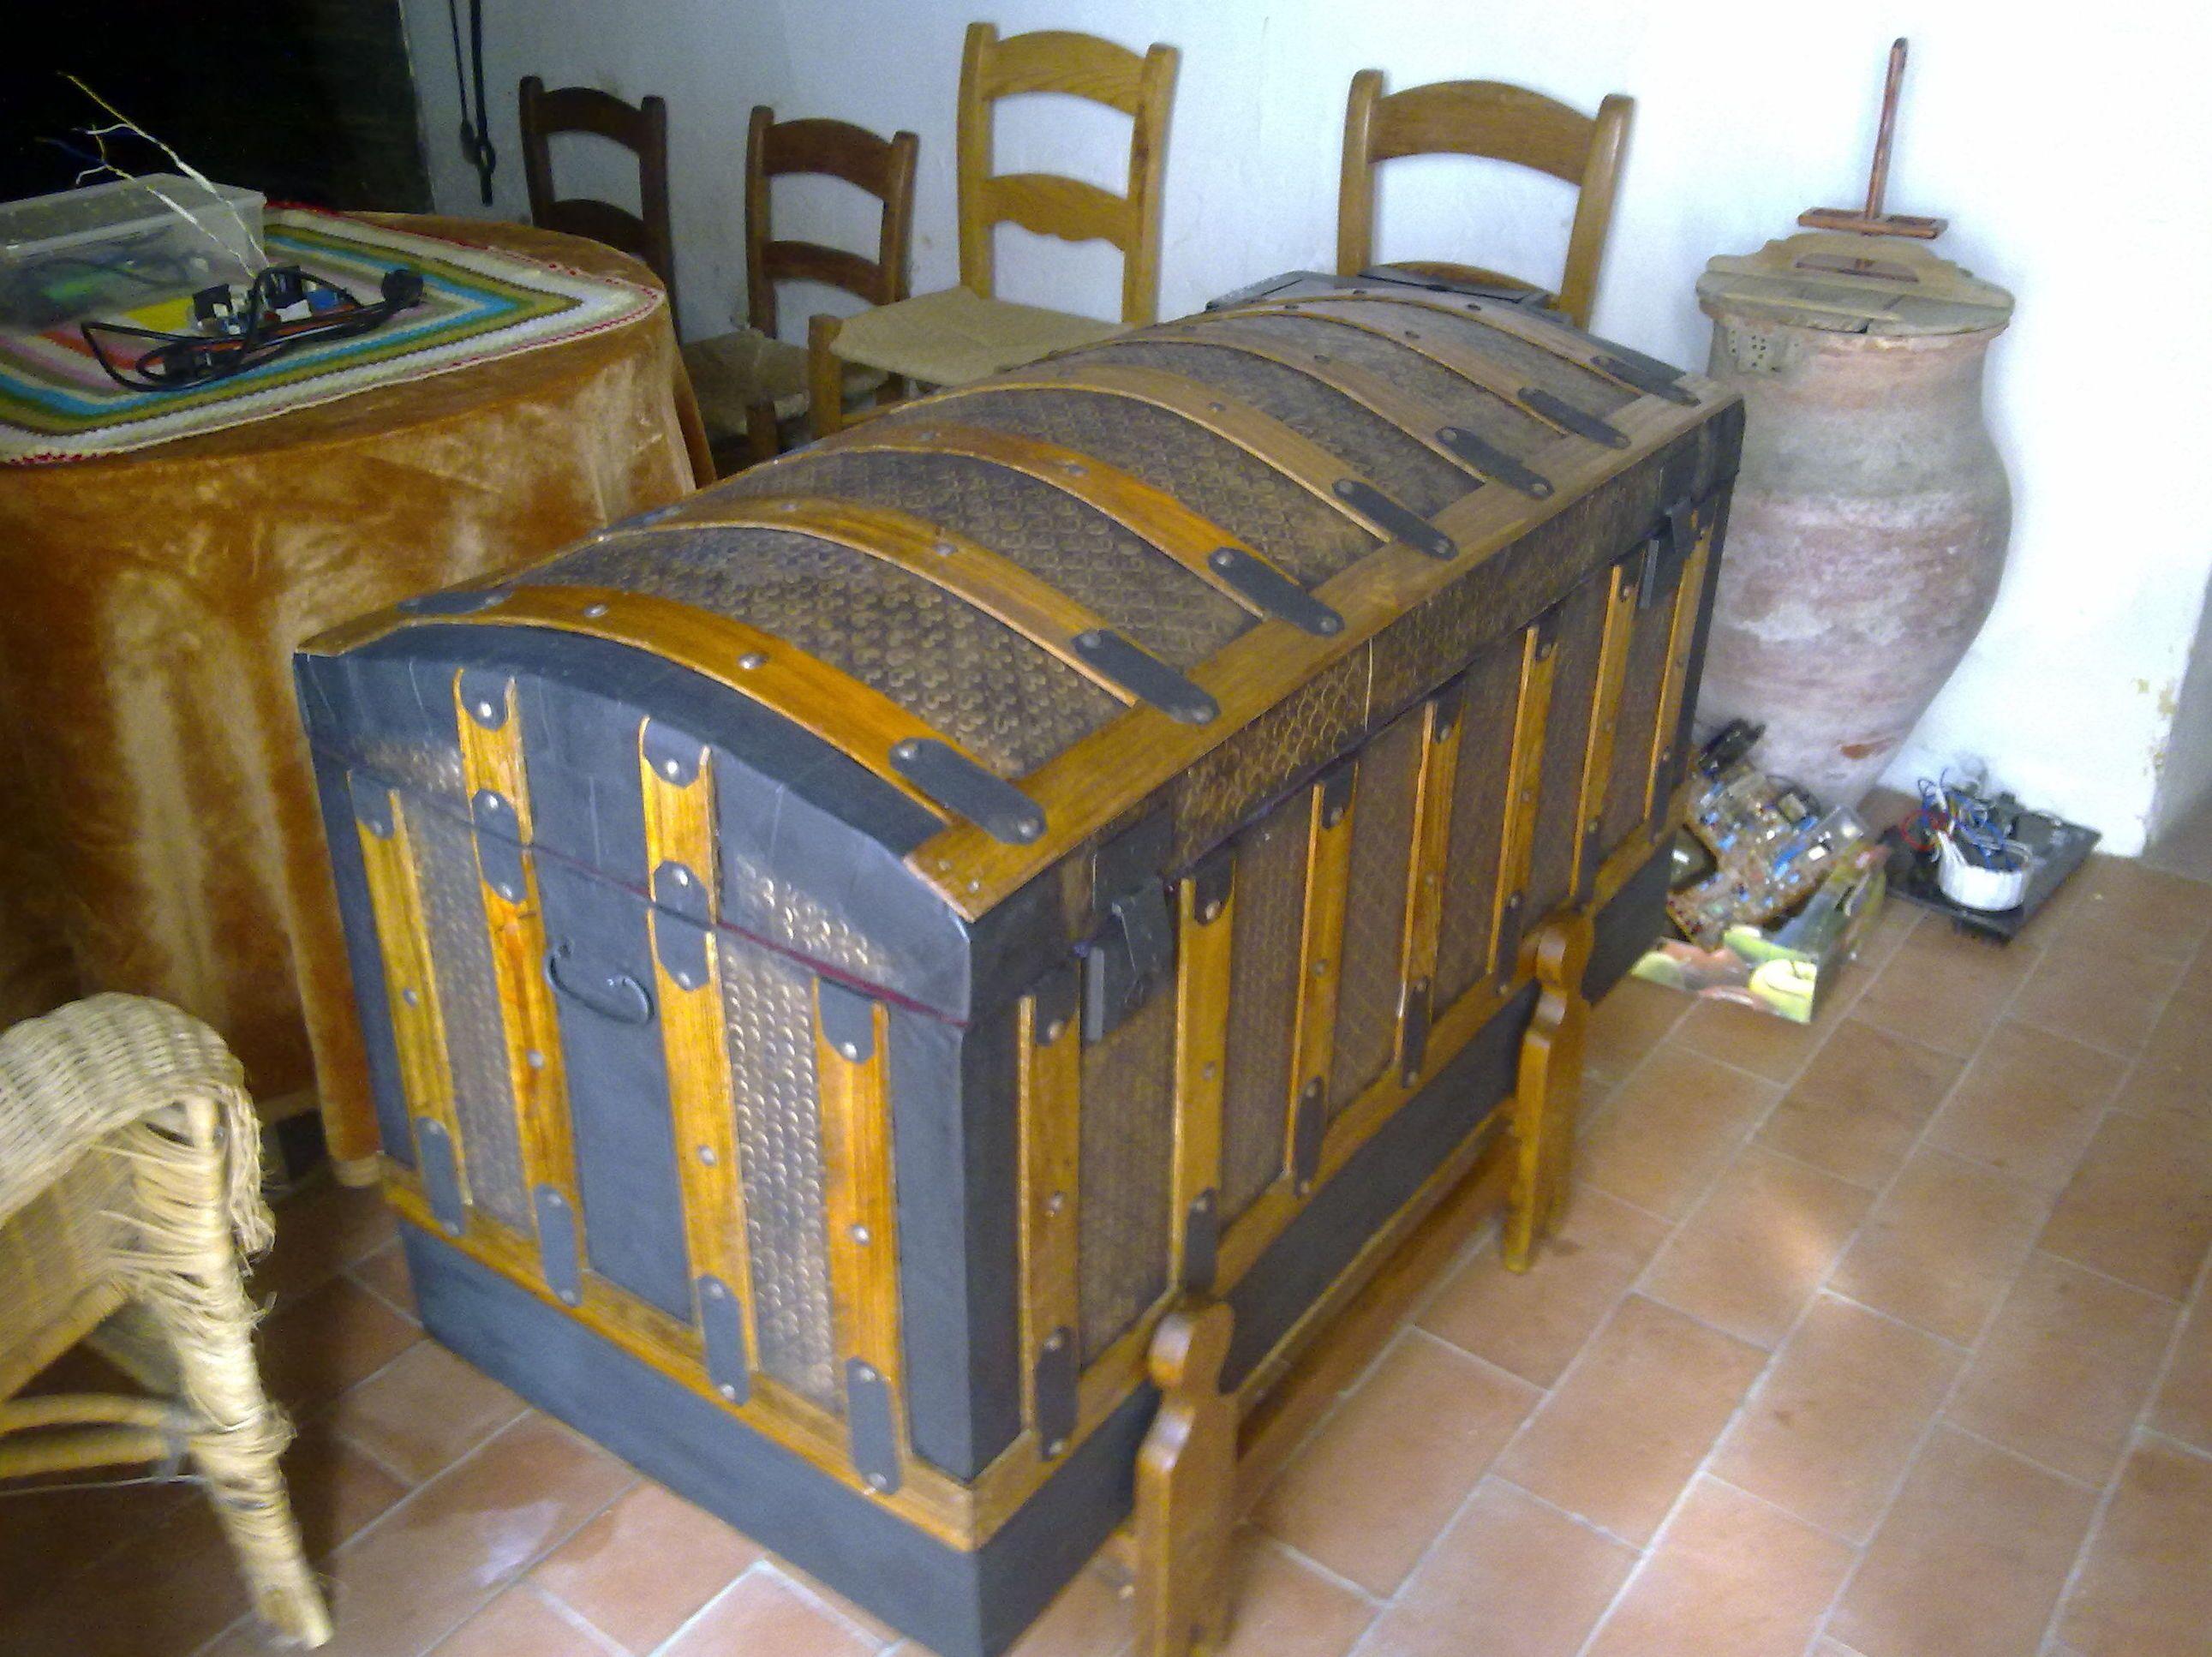 Restaurar muebles viejos cool restaurar muebles de cocina - Restaurar muebles viejos ...